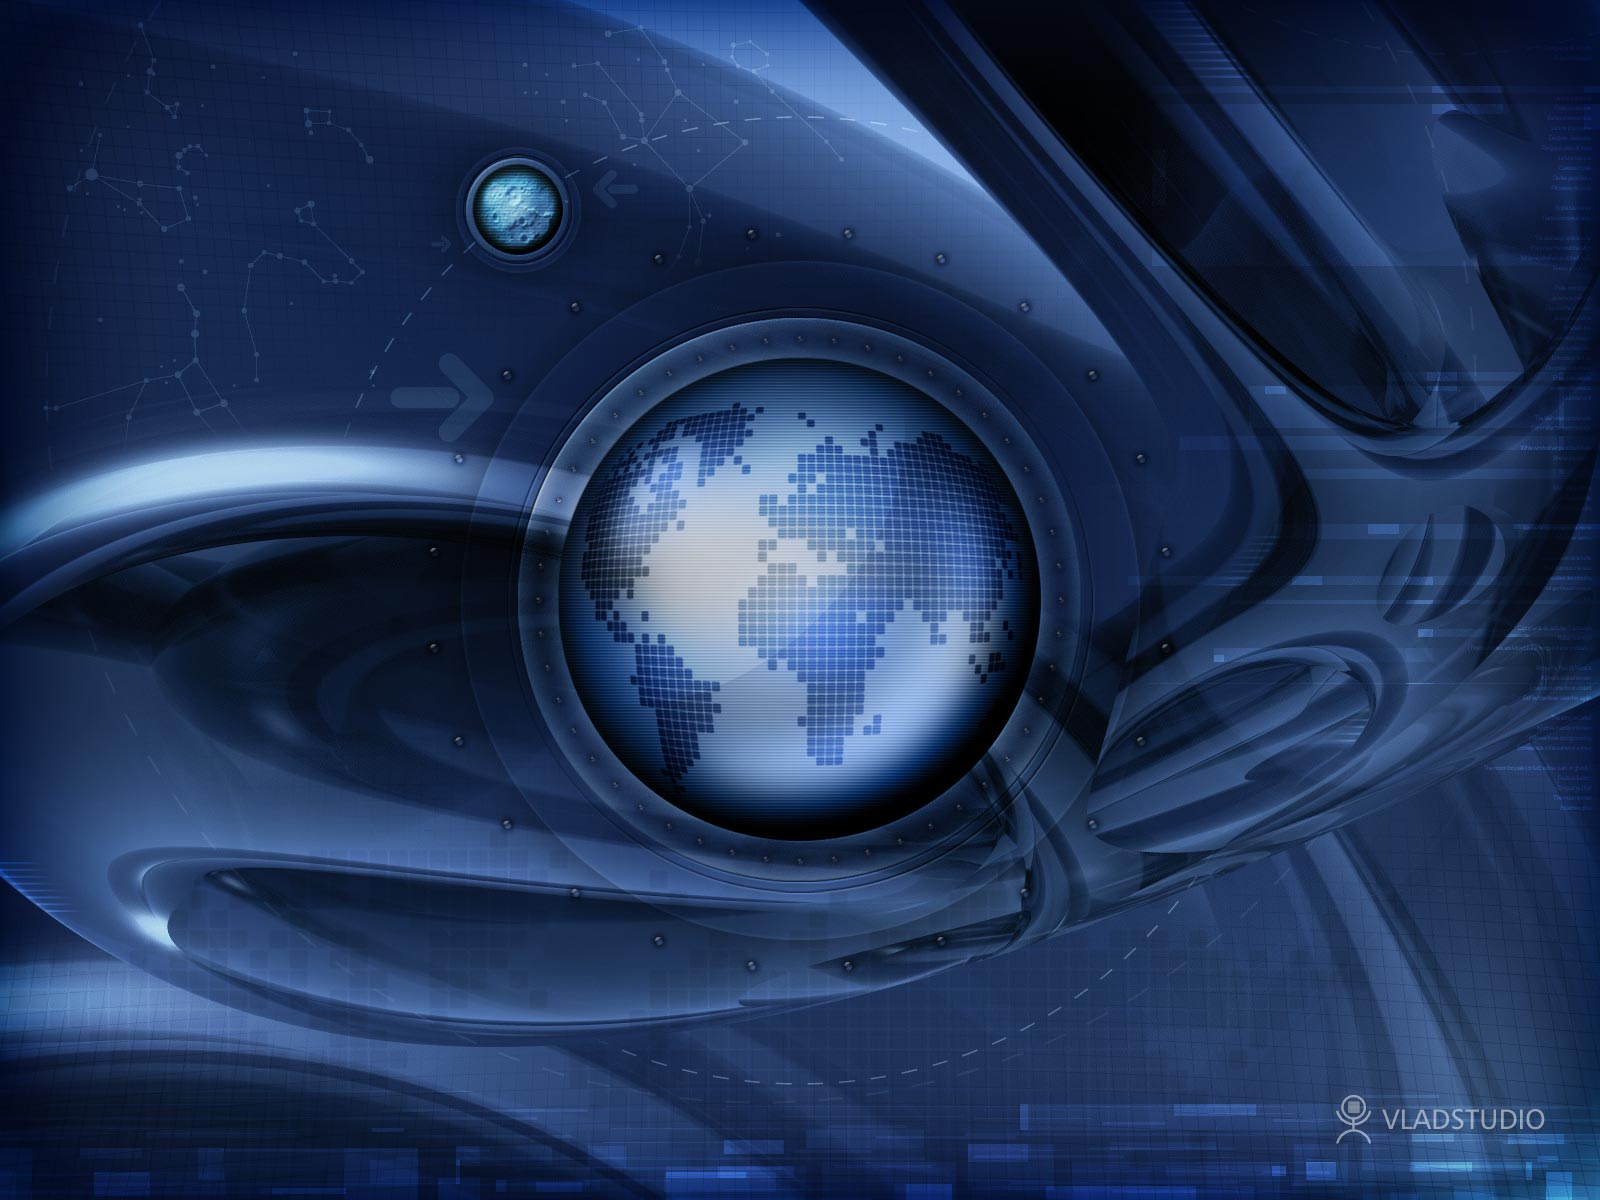 Wallpaper Blog world hd 1600x1200